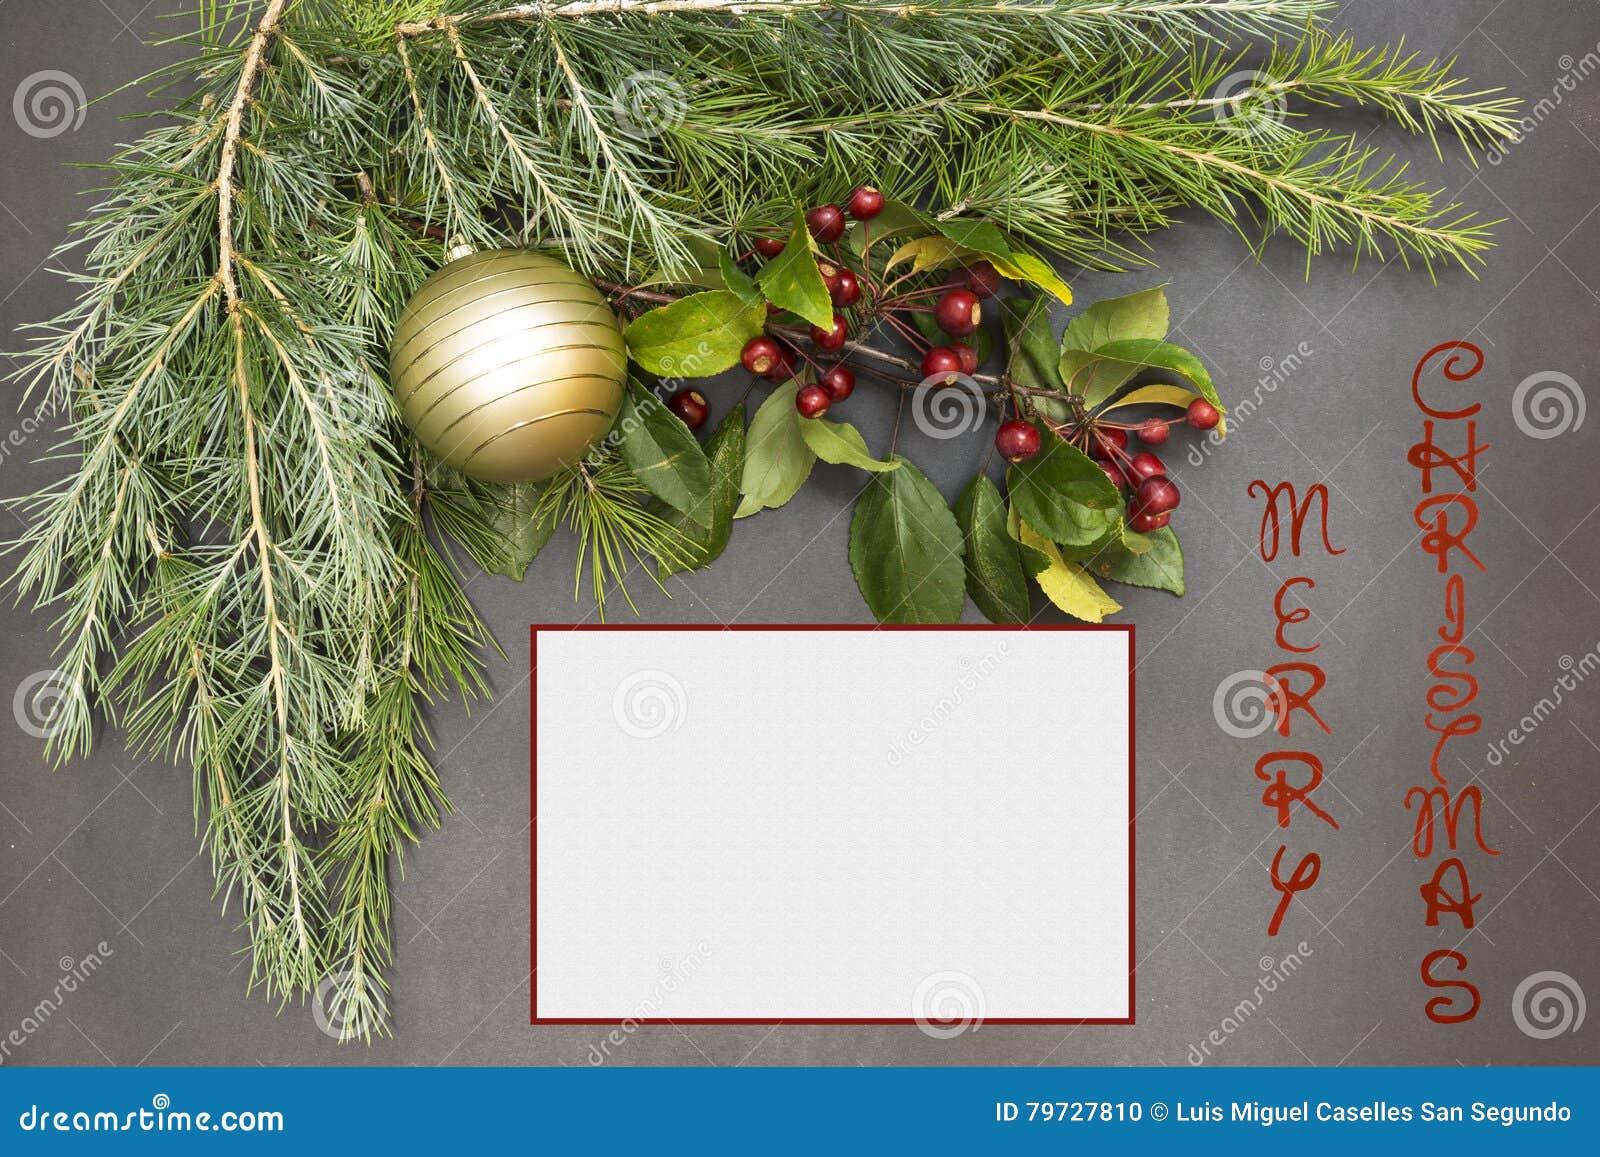 Tarjeta de felicitación con la decoración y el texto festivos - Feliz Navidad